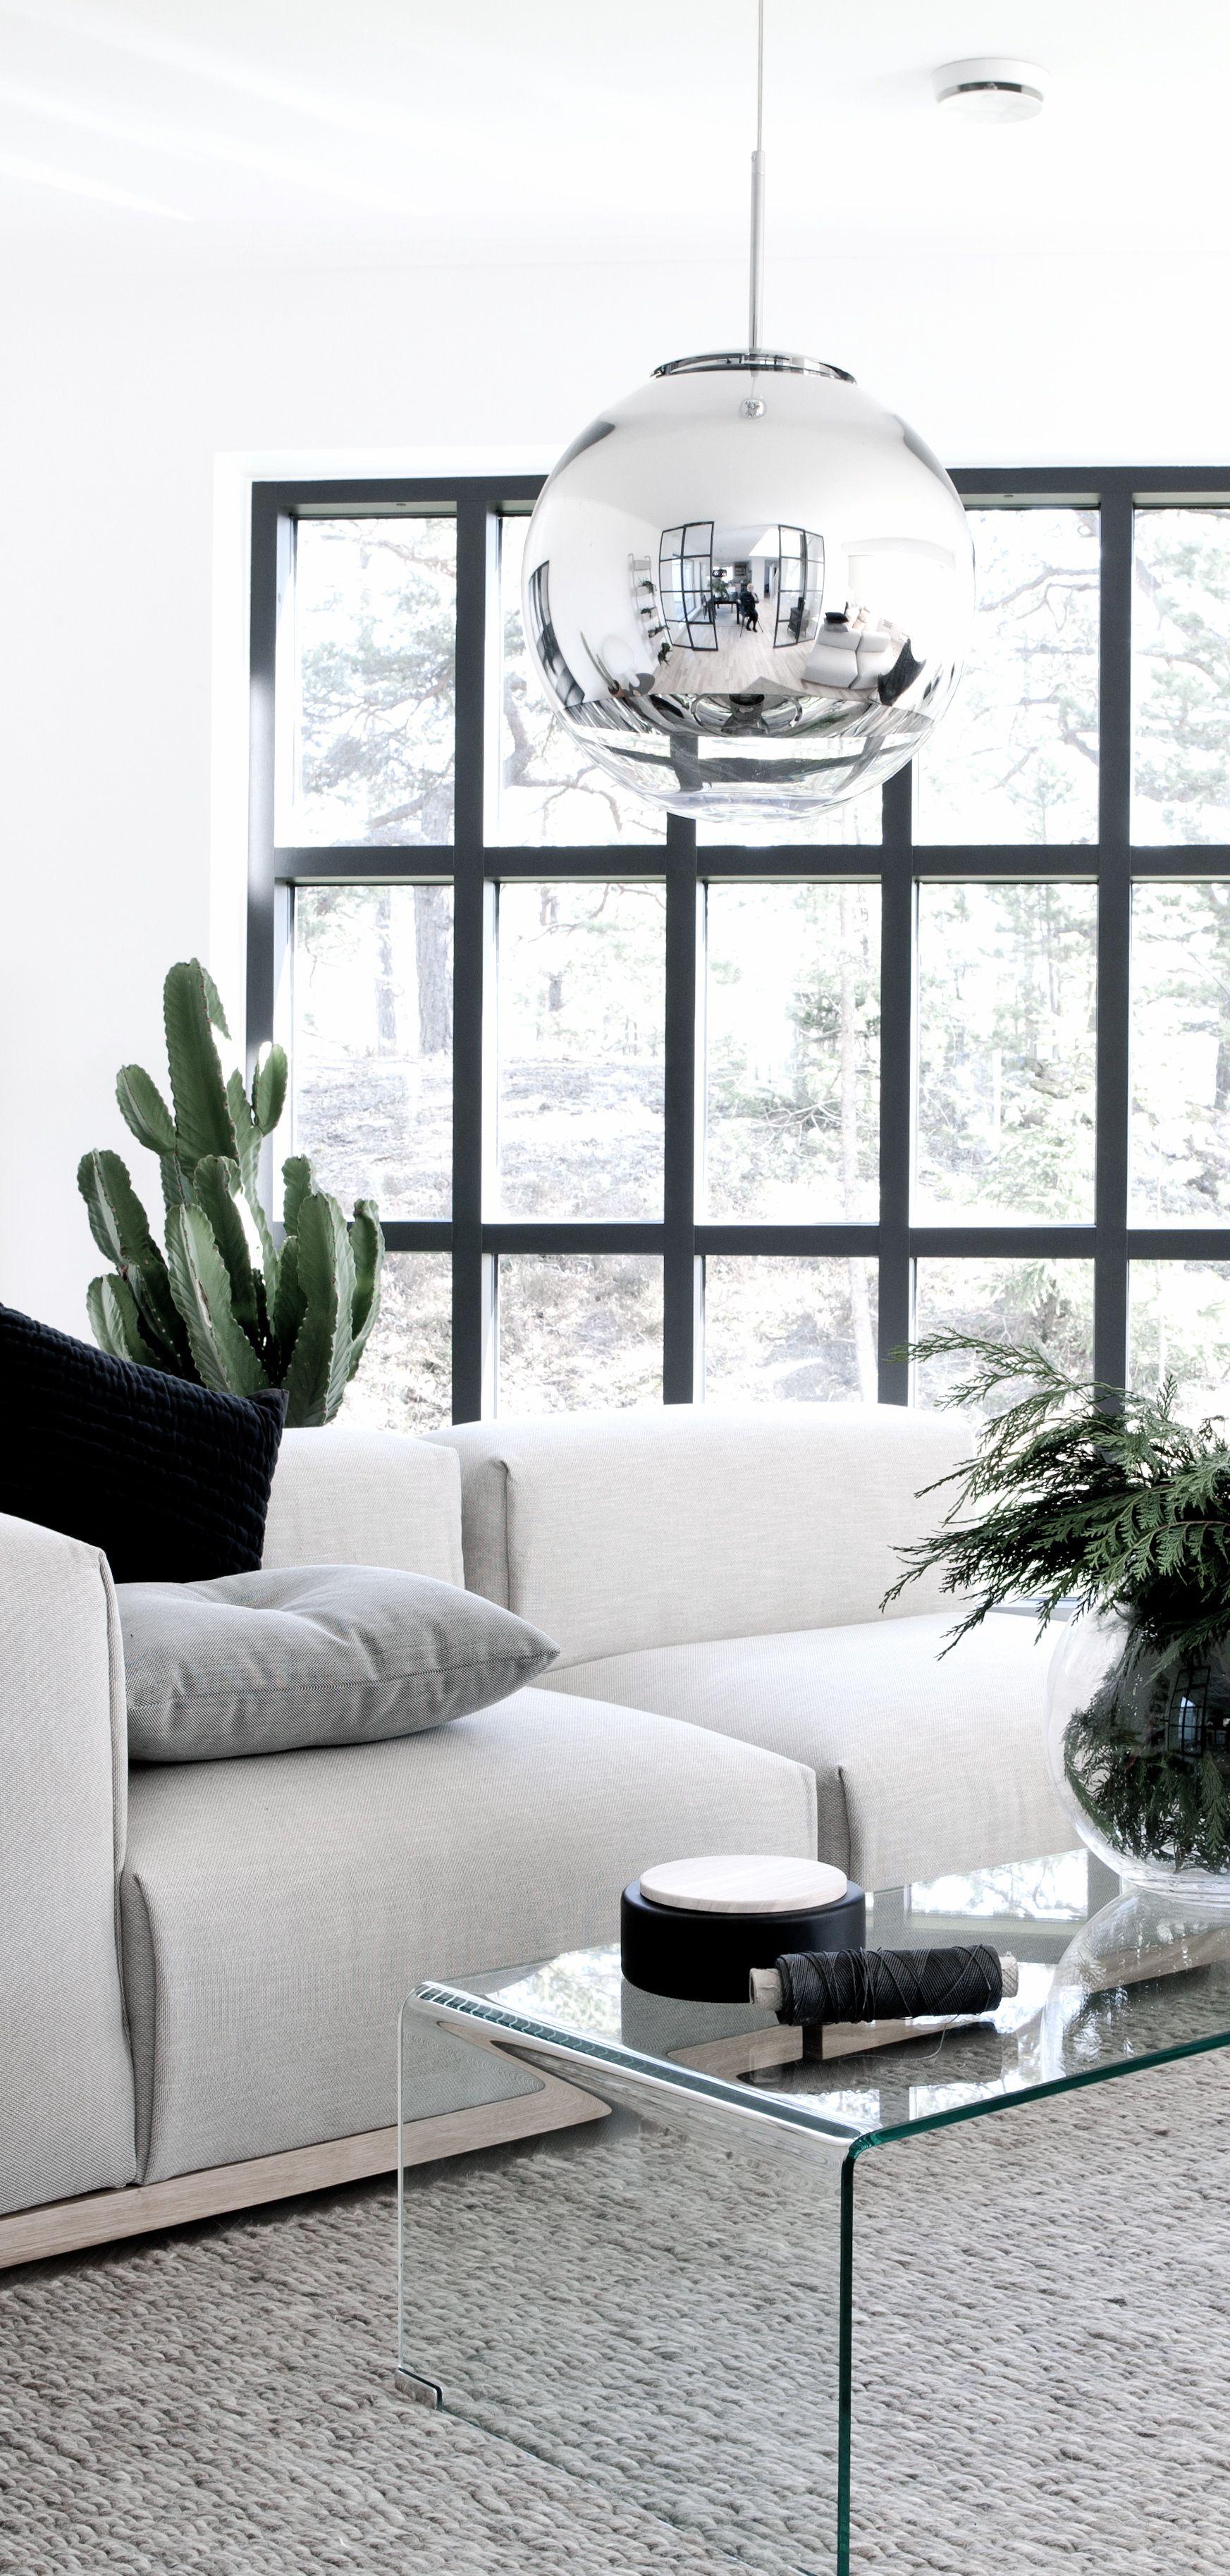 Living wohnzimmer lampe inspiration interior for Wohnzimmer inspiration